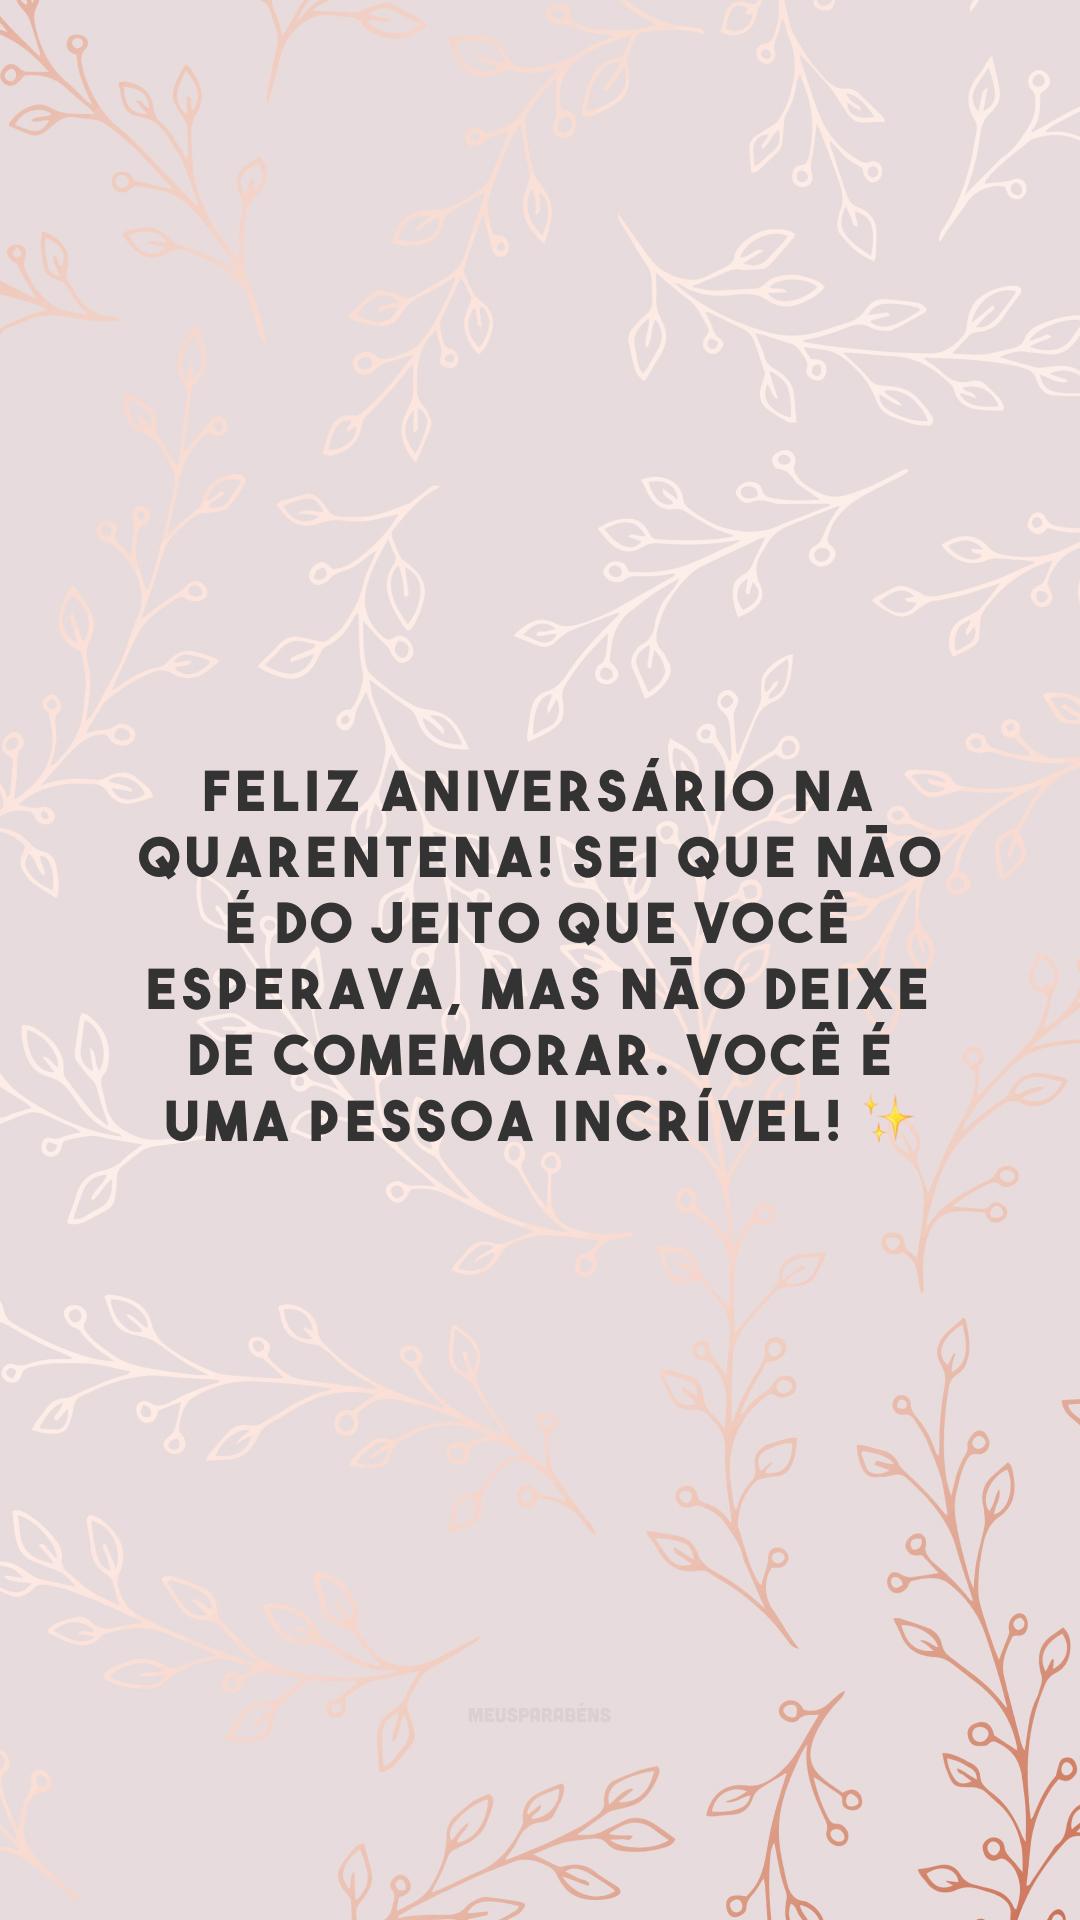 Feliz aniversário na quarentena! Sei que não é do jeito que você esperava, mas não deixe de comemorar. Você é uma pessoa incrível! ✨